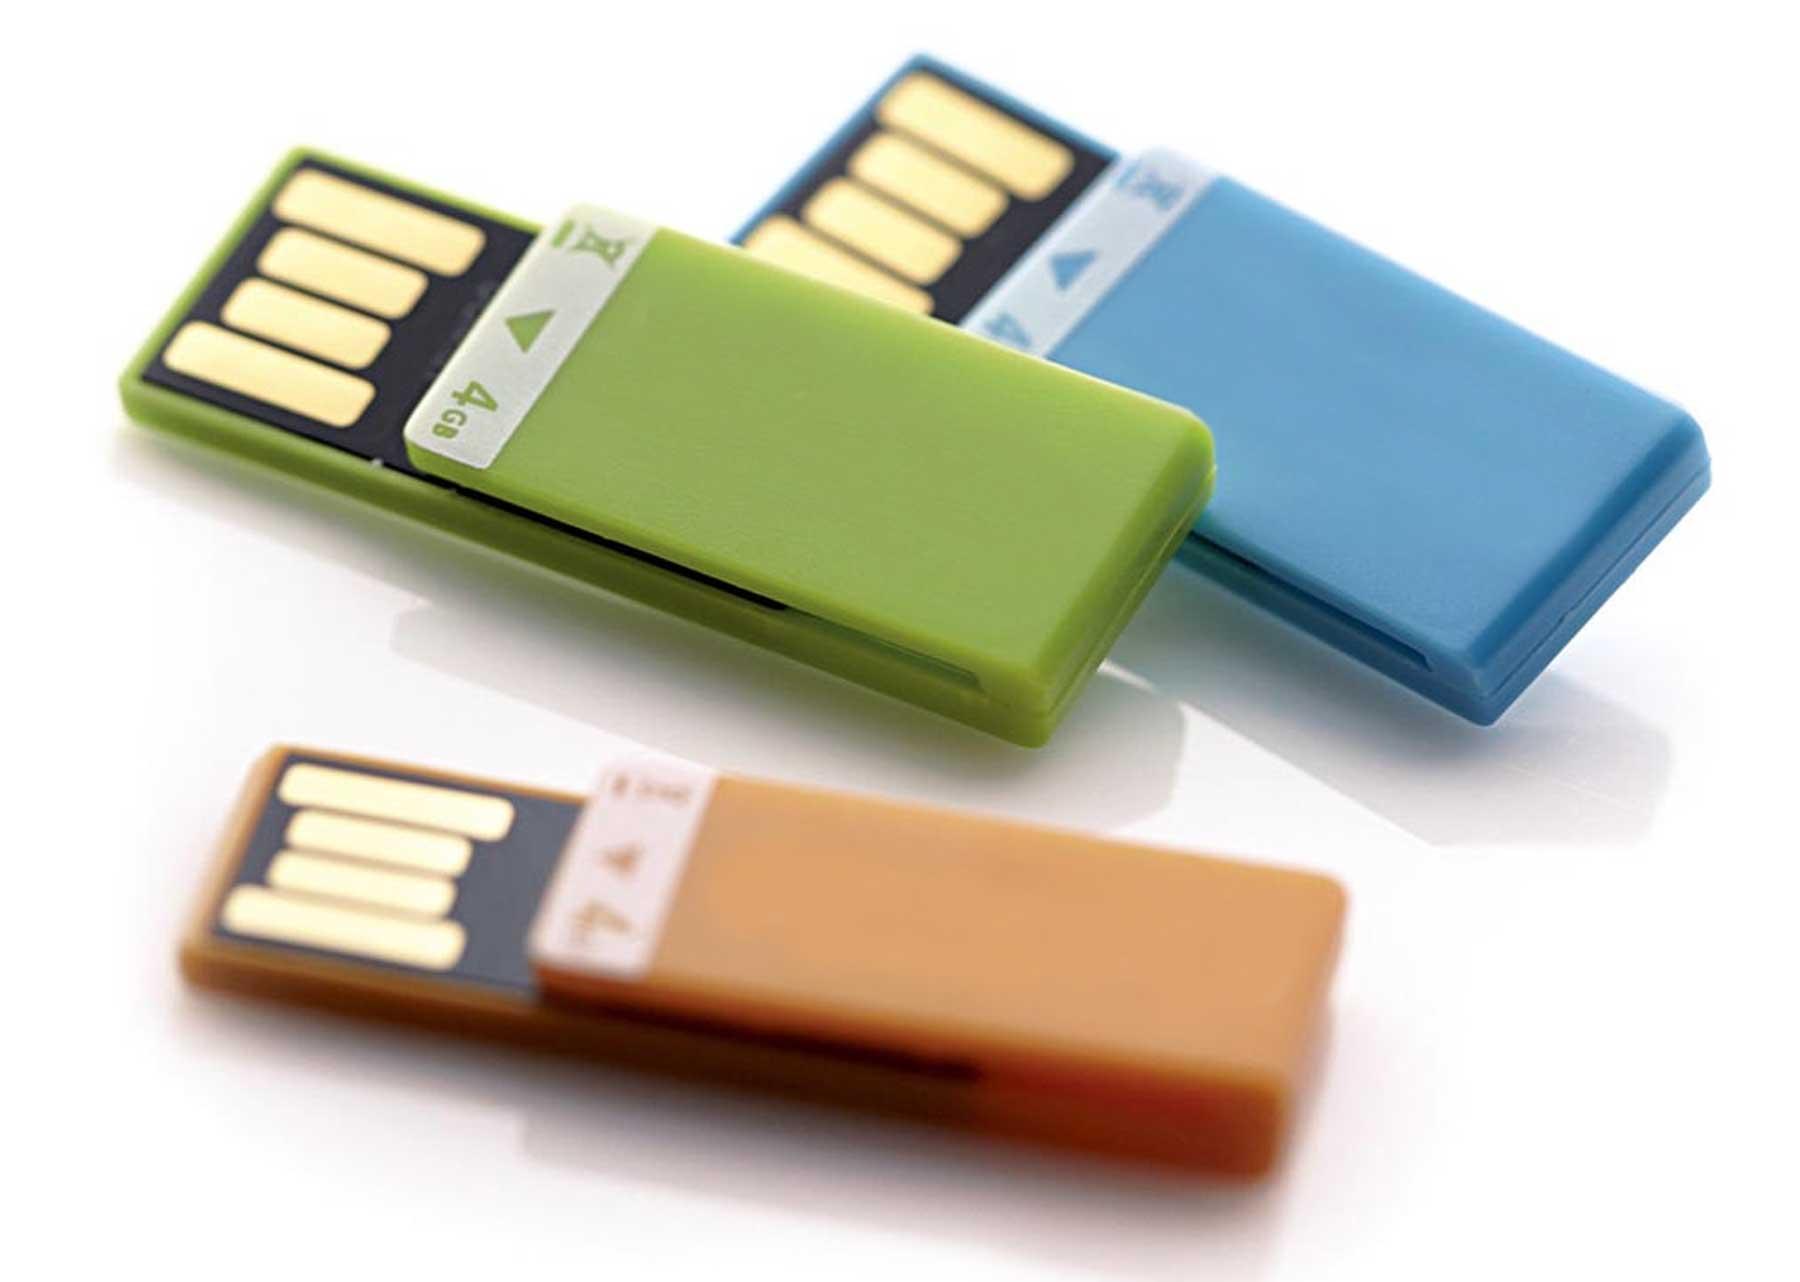 Çin'den Flash Disk Almak